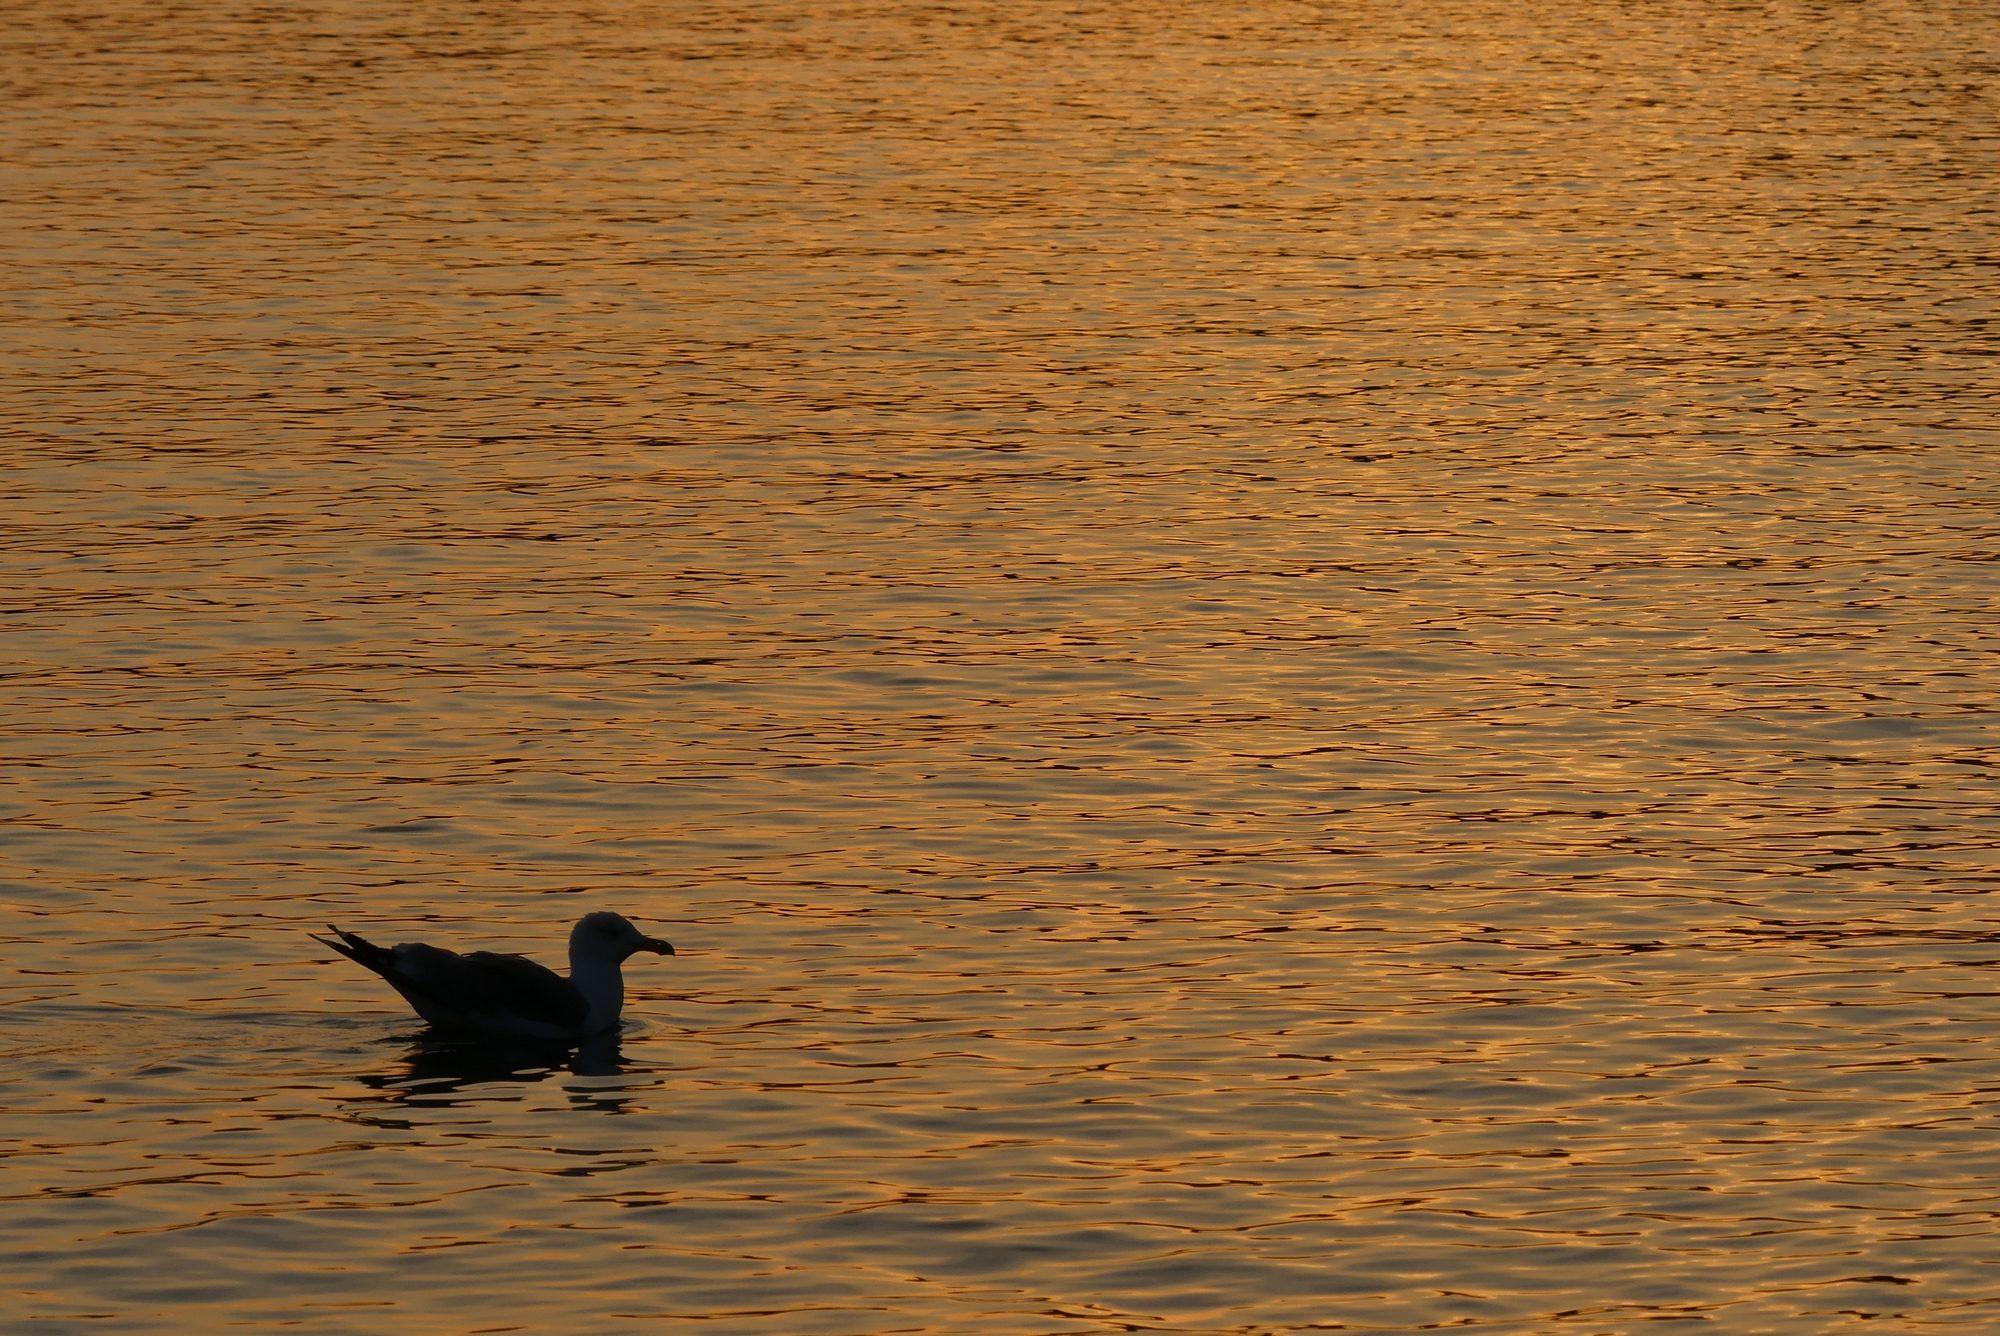 Möwe im Sonnenuntergang in der Bucht von Agay Cote d'Azur